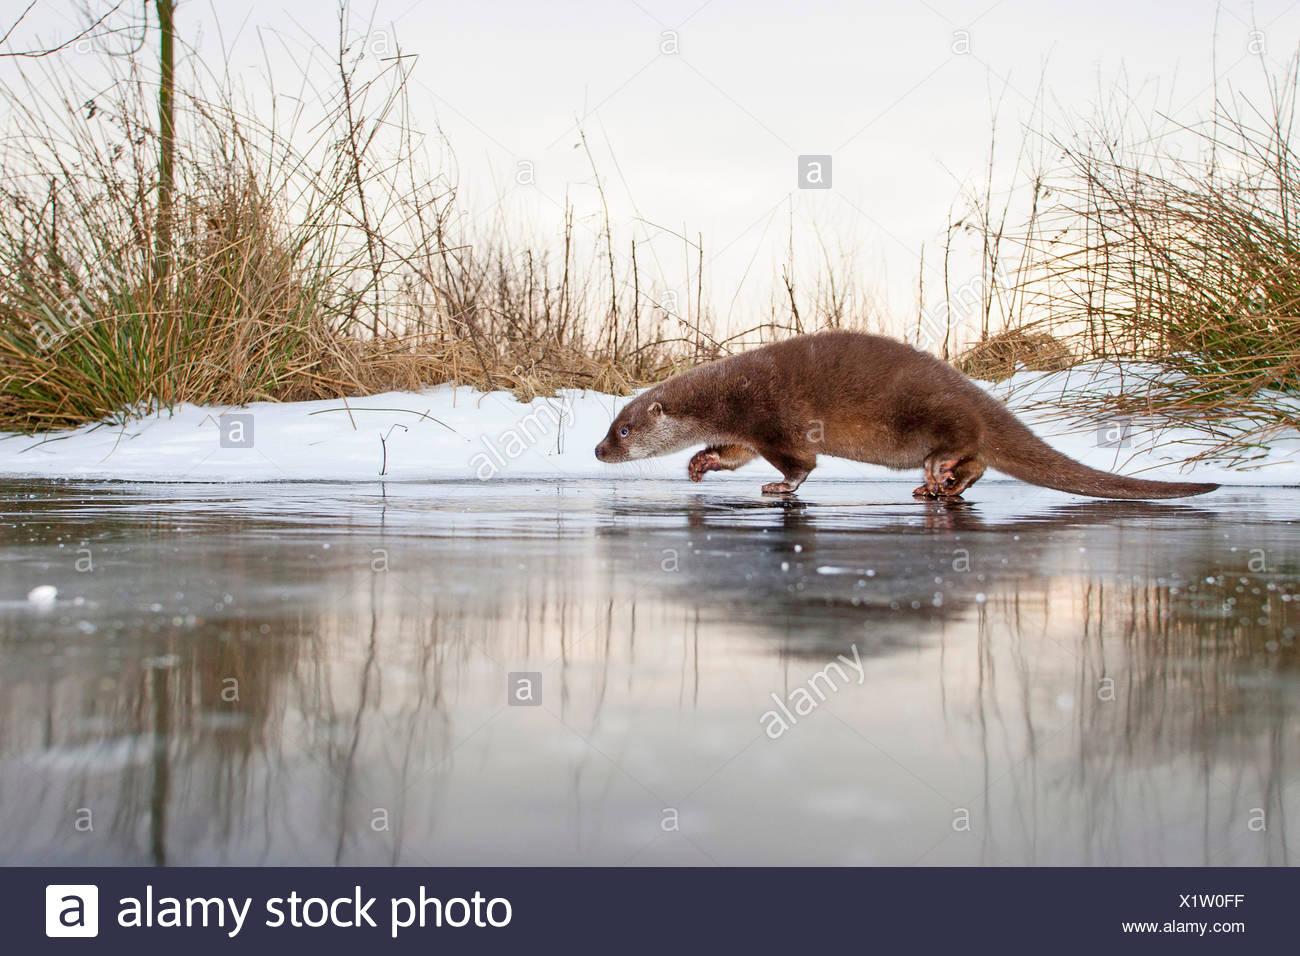 La loutre d'Europe, loutre d'Europe, la loutre (Lutra lutra), femme marche sur une calotte de glace gelé jusqu', Allemagne Photo Stock